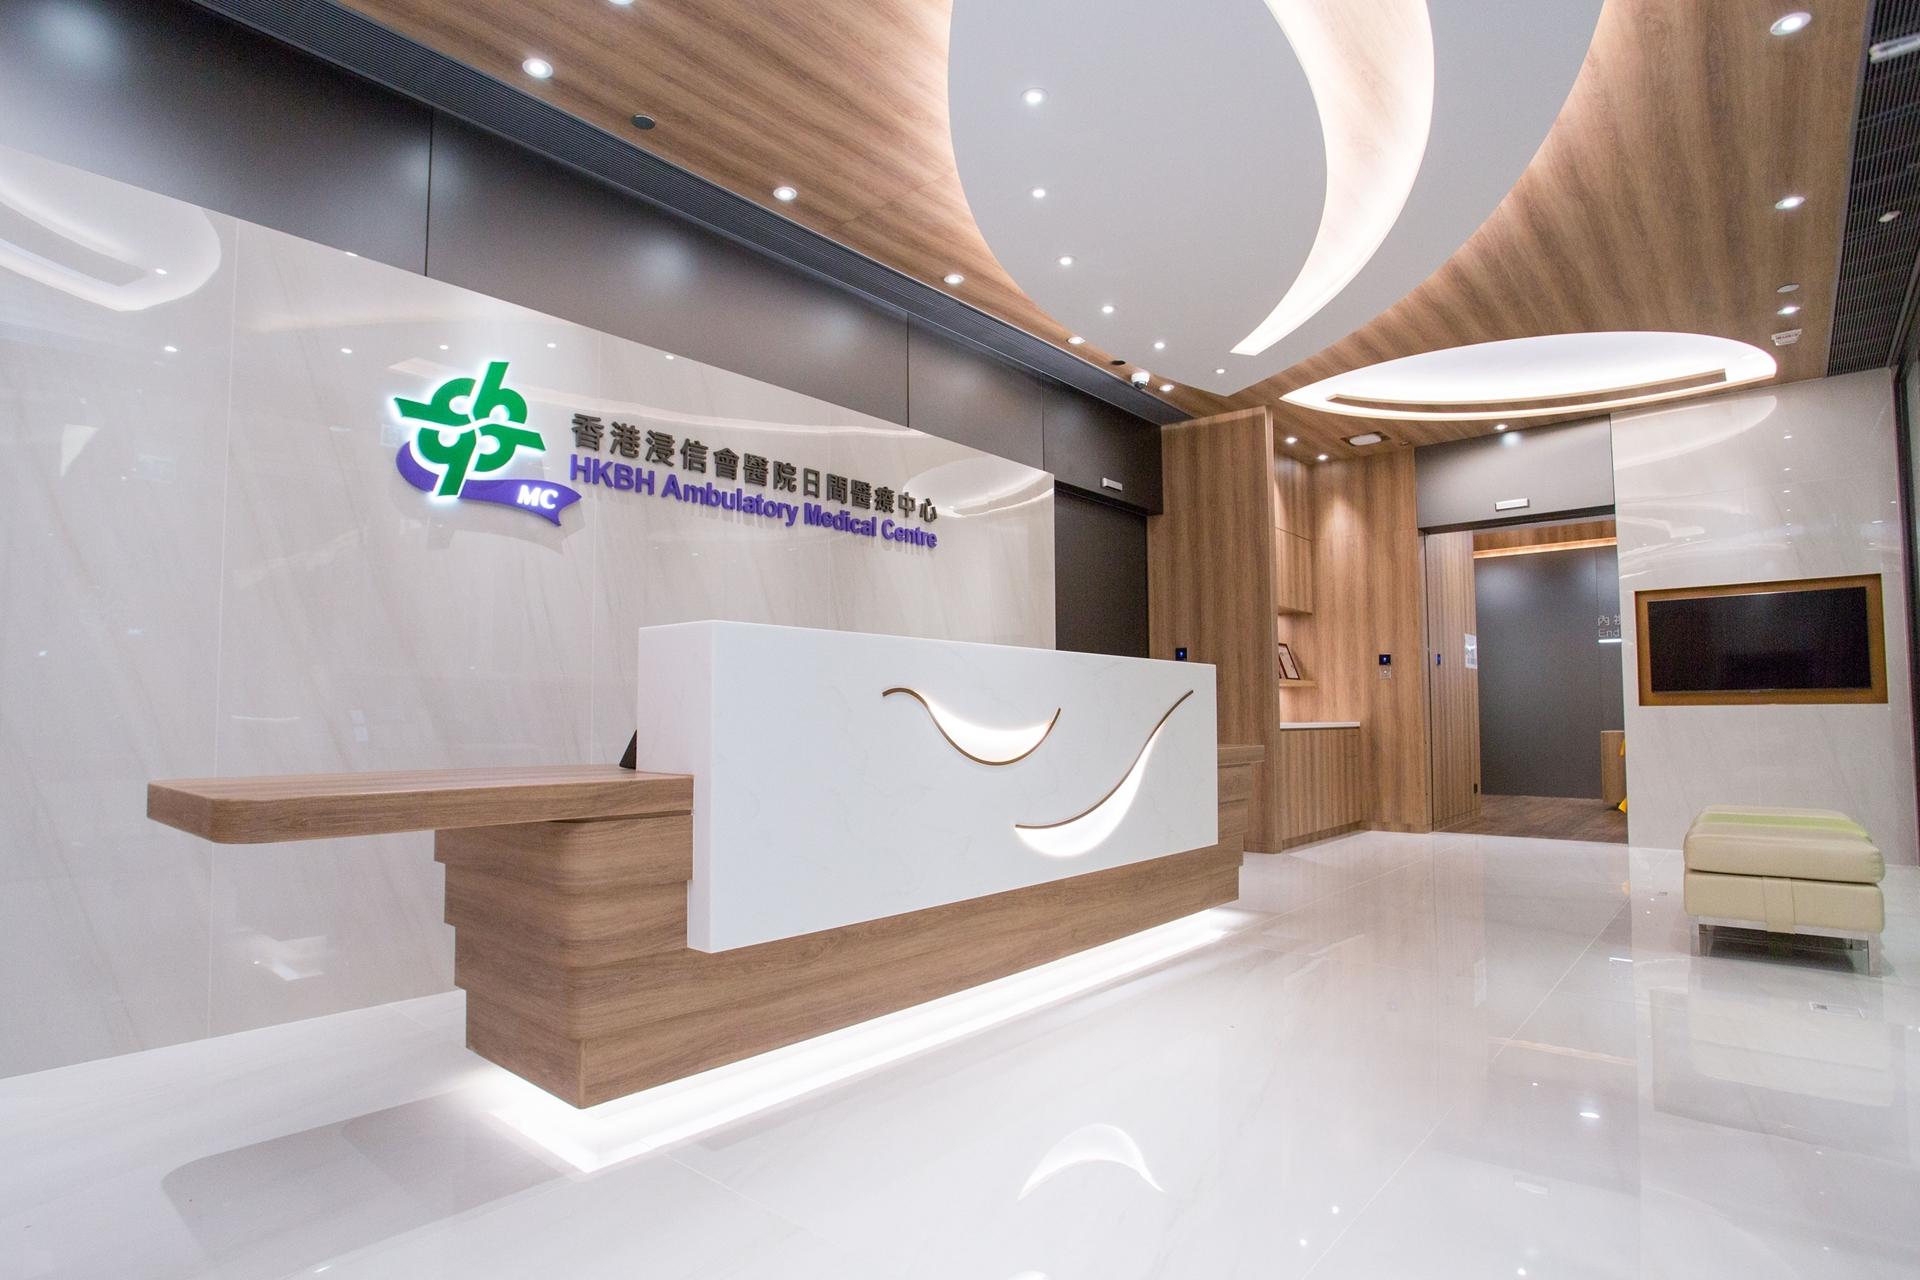 香港浸信會醫院日間醫療中心